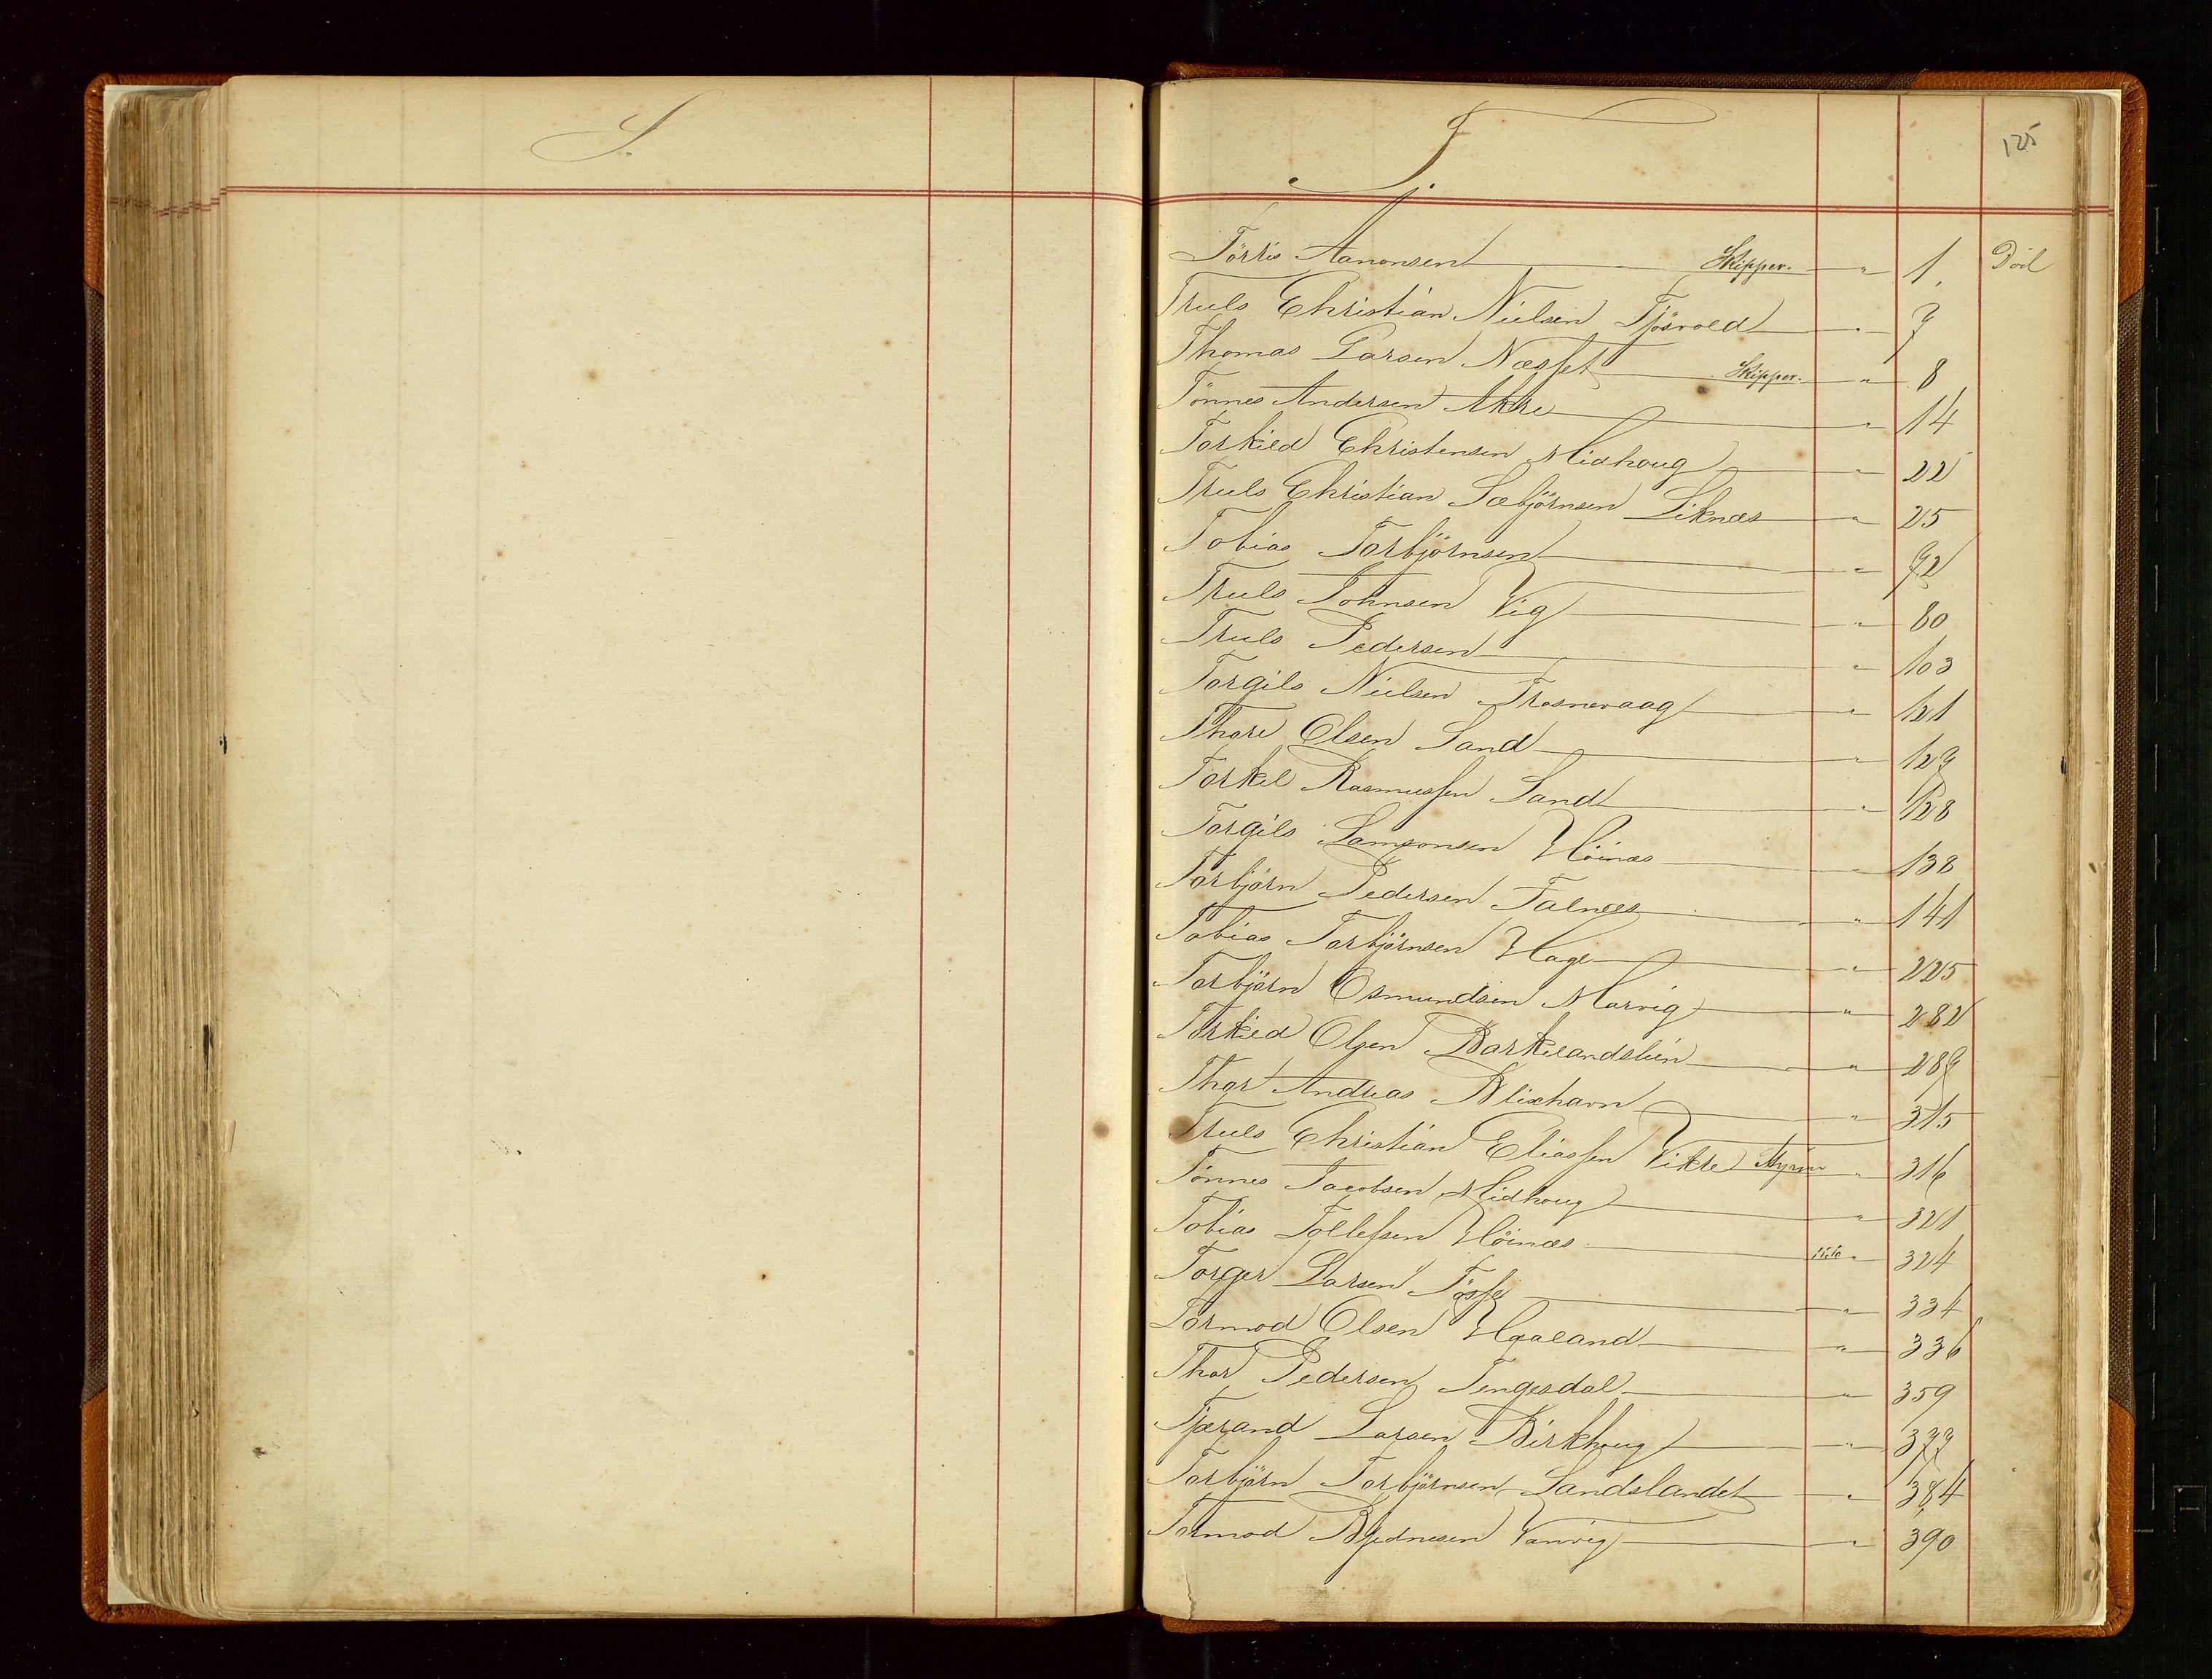 SAST, Haugesund sjømannskontor, F/Fb/Fba/L0003: Navneregister med henvisning til rullenummer (fornavn) Haugesund krets, 1860-1948, s. 125